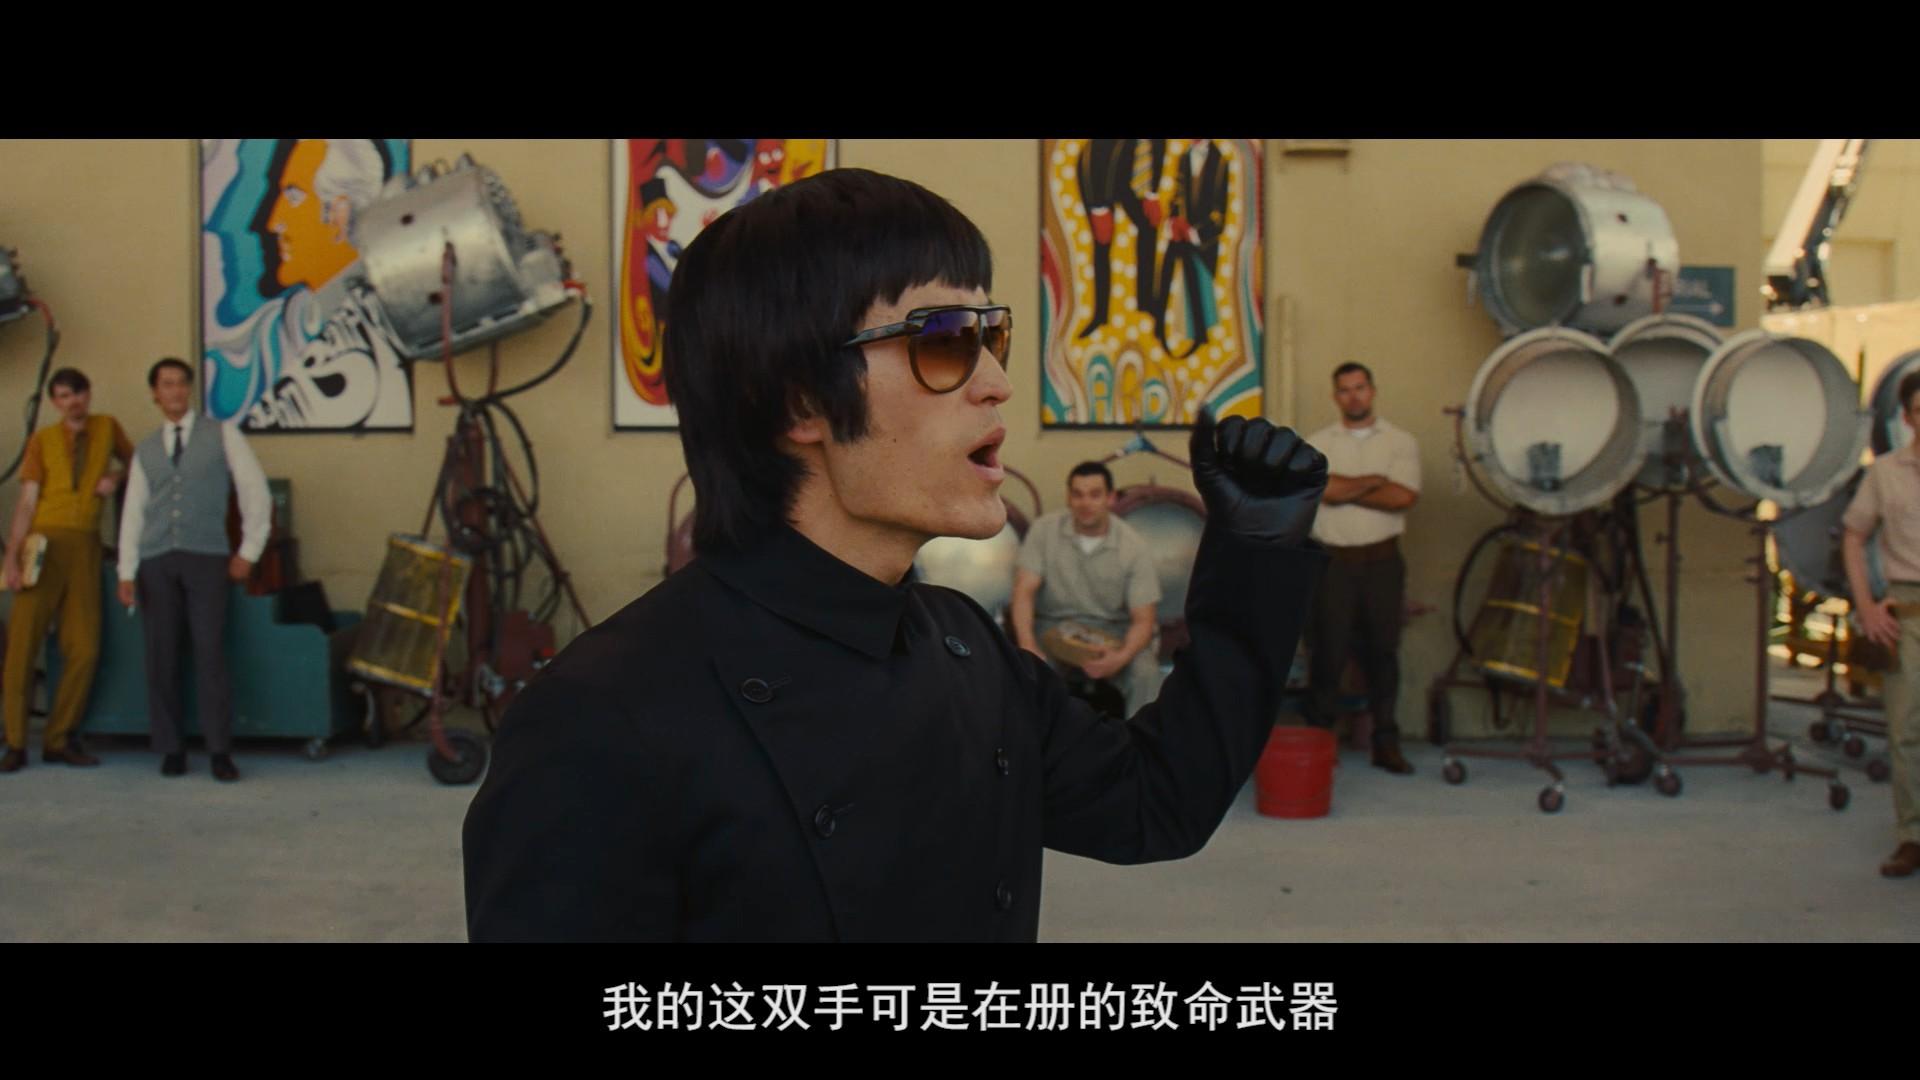 李小龙女儿不满《好莱坞往事》 认为影片将父亲塑造成蠢货